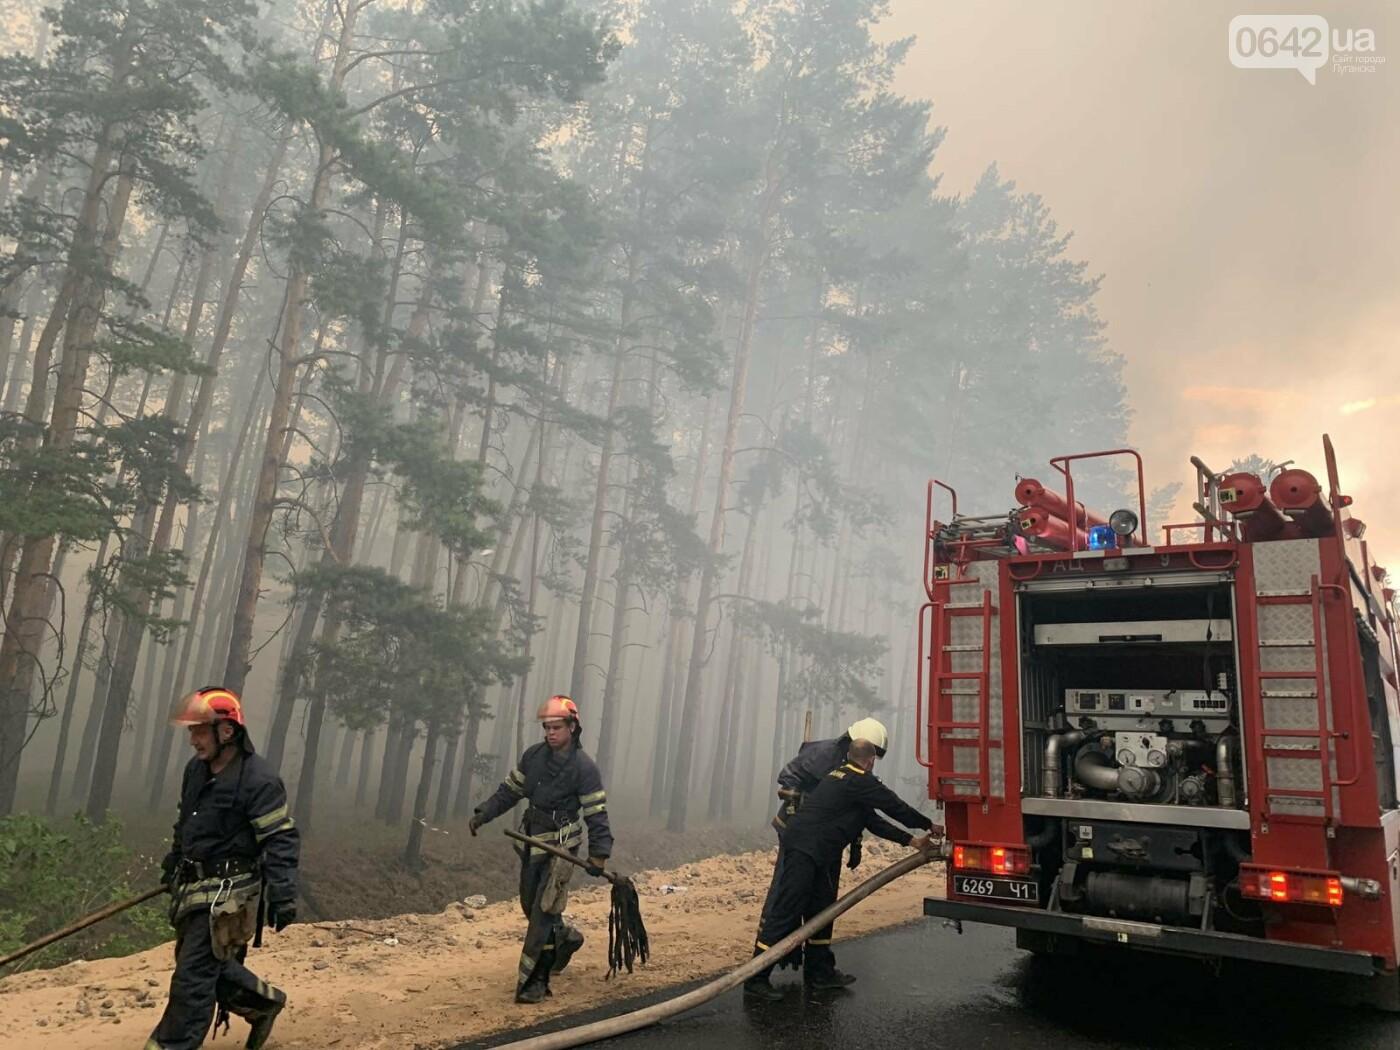 Под Северодонецком горит лес: Перекрыты дороги, идет эвакуация жителей села, - ФОТО, фото-2